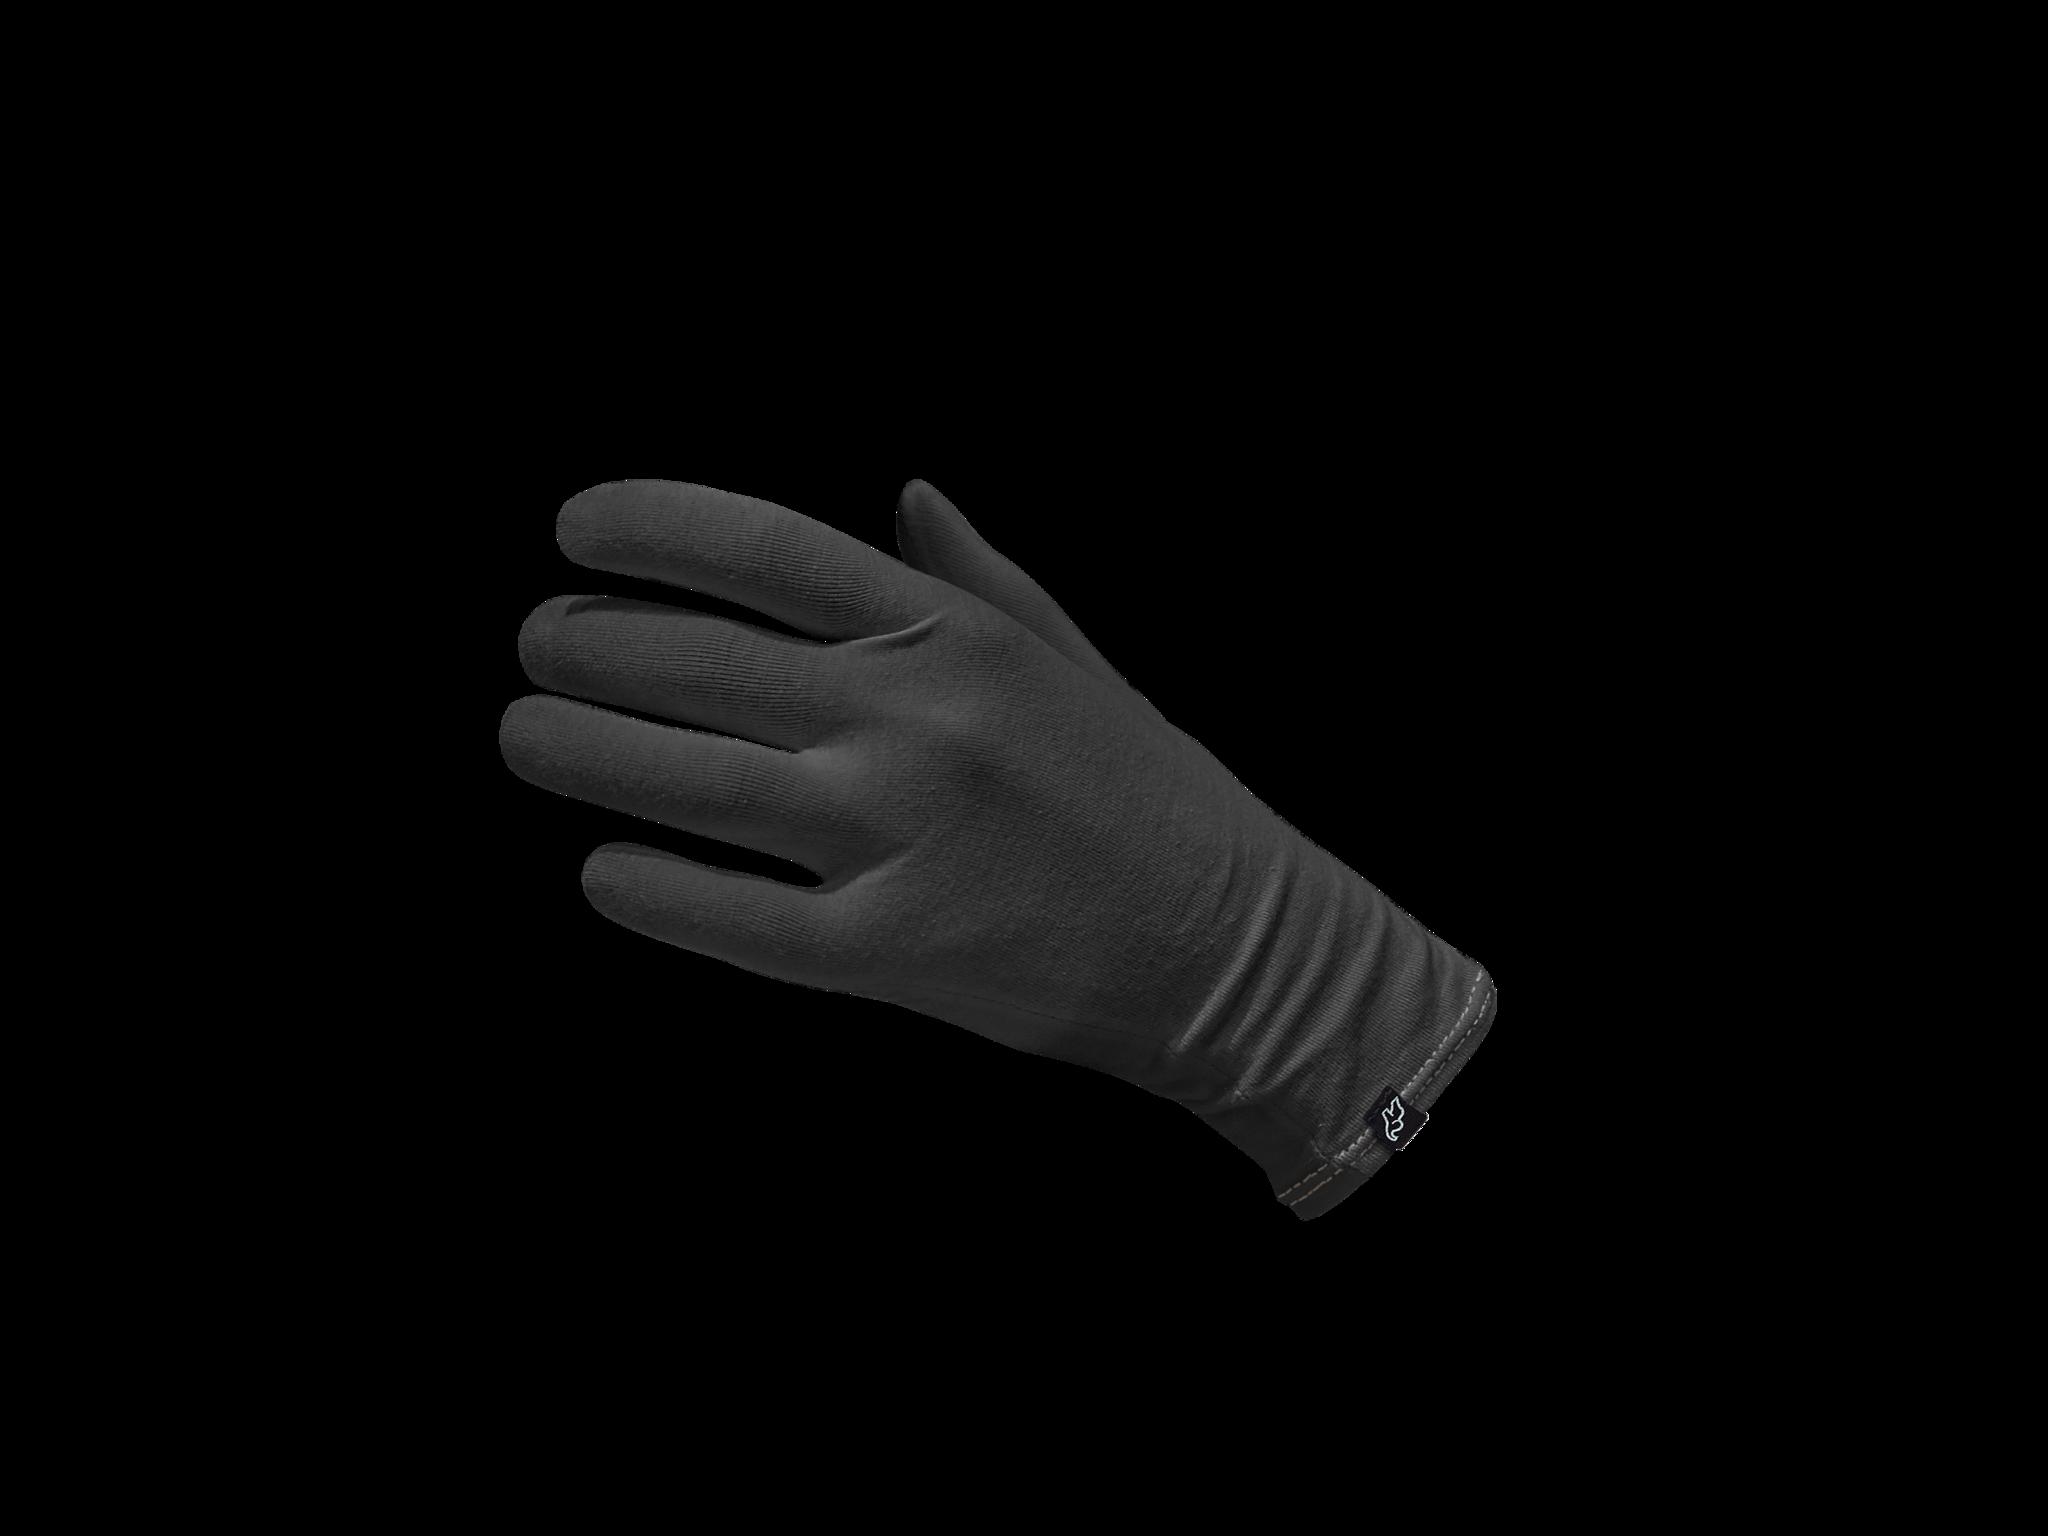 ElephantSkin Gants Noirs - Taille : L/XL - 1 paire